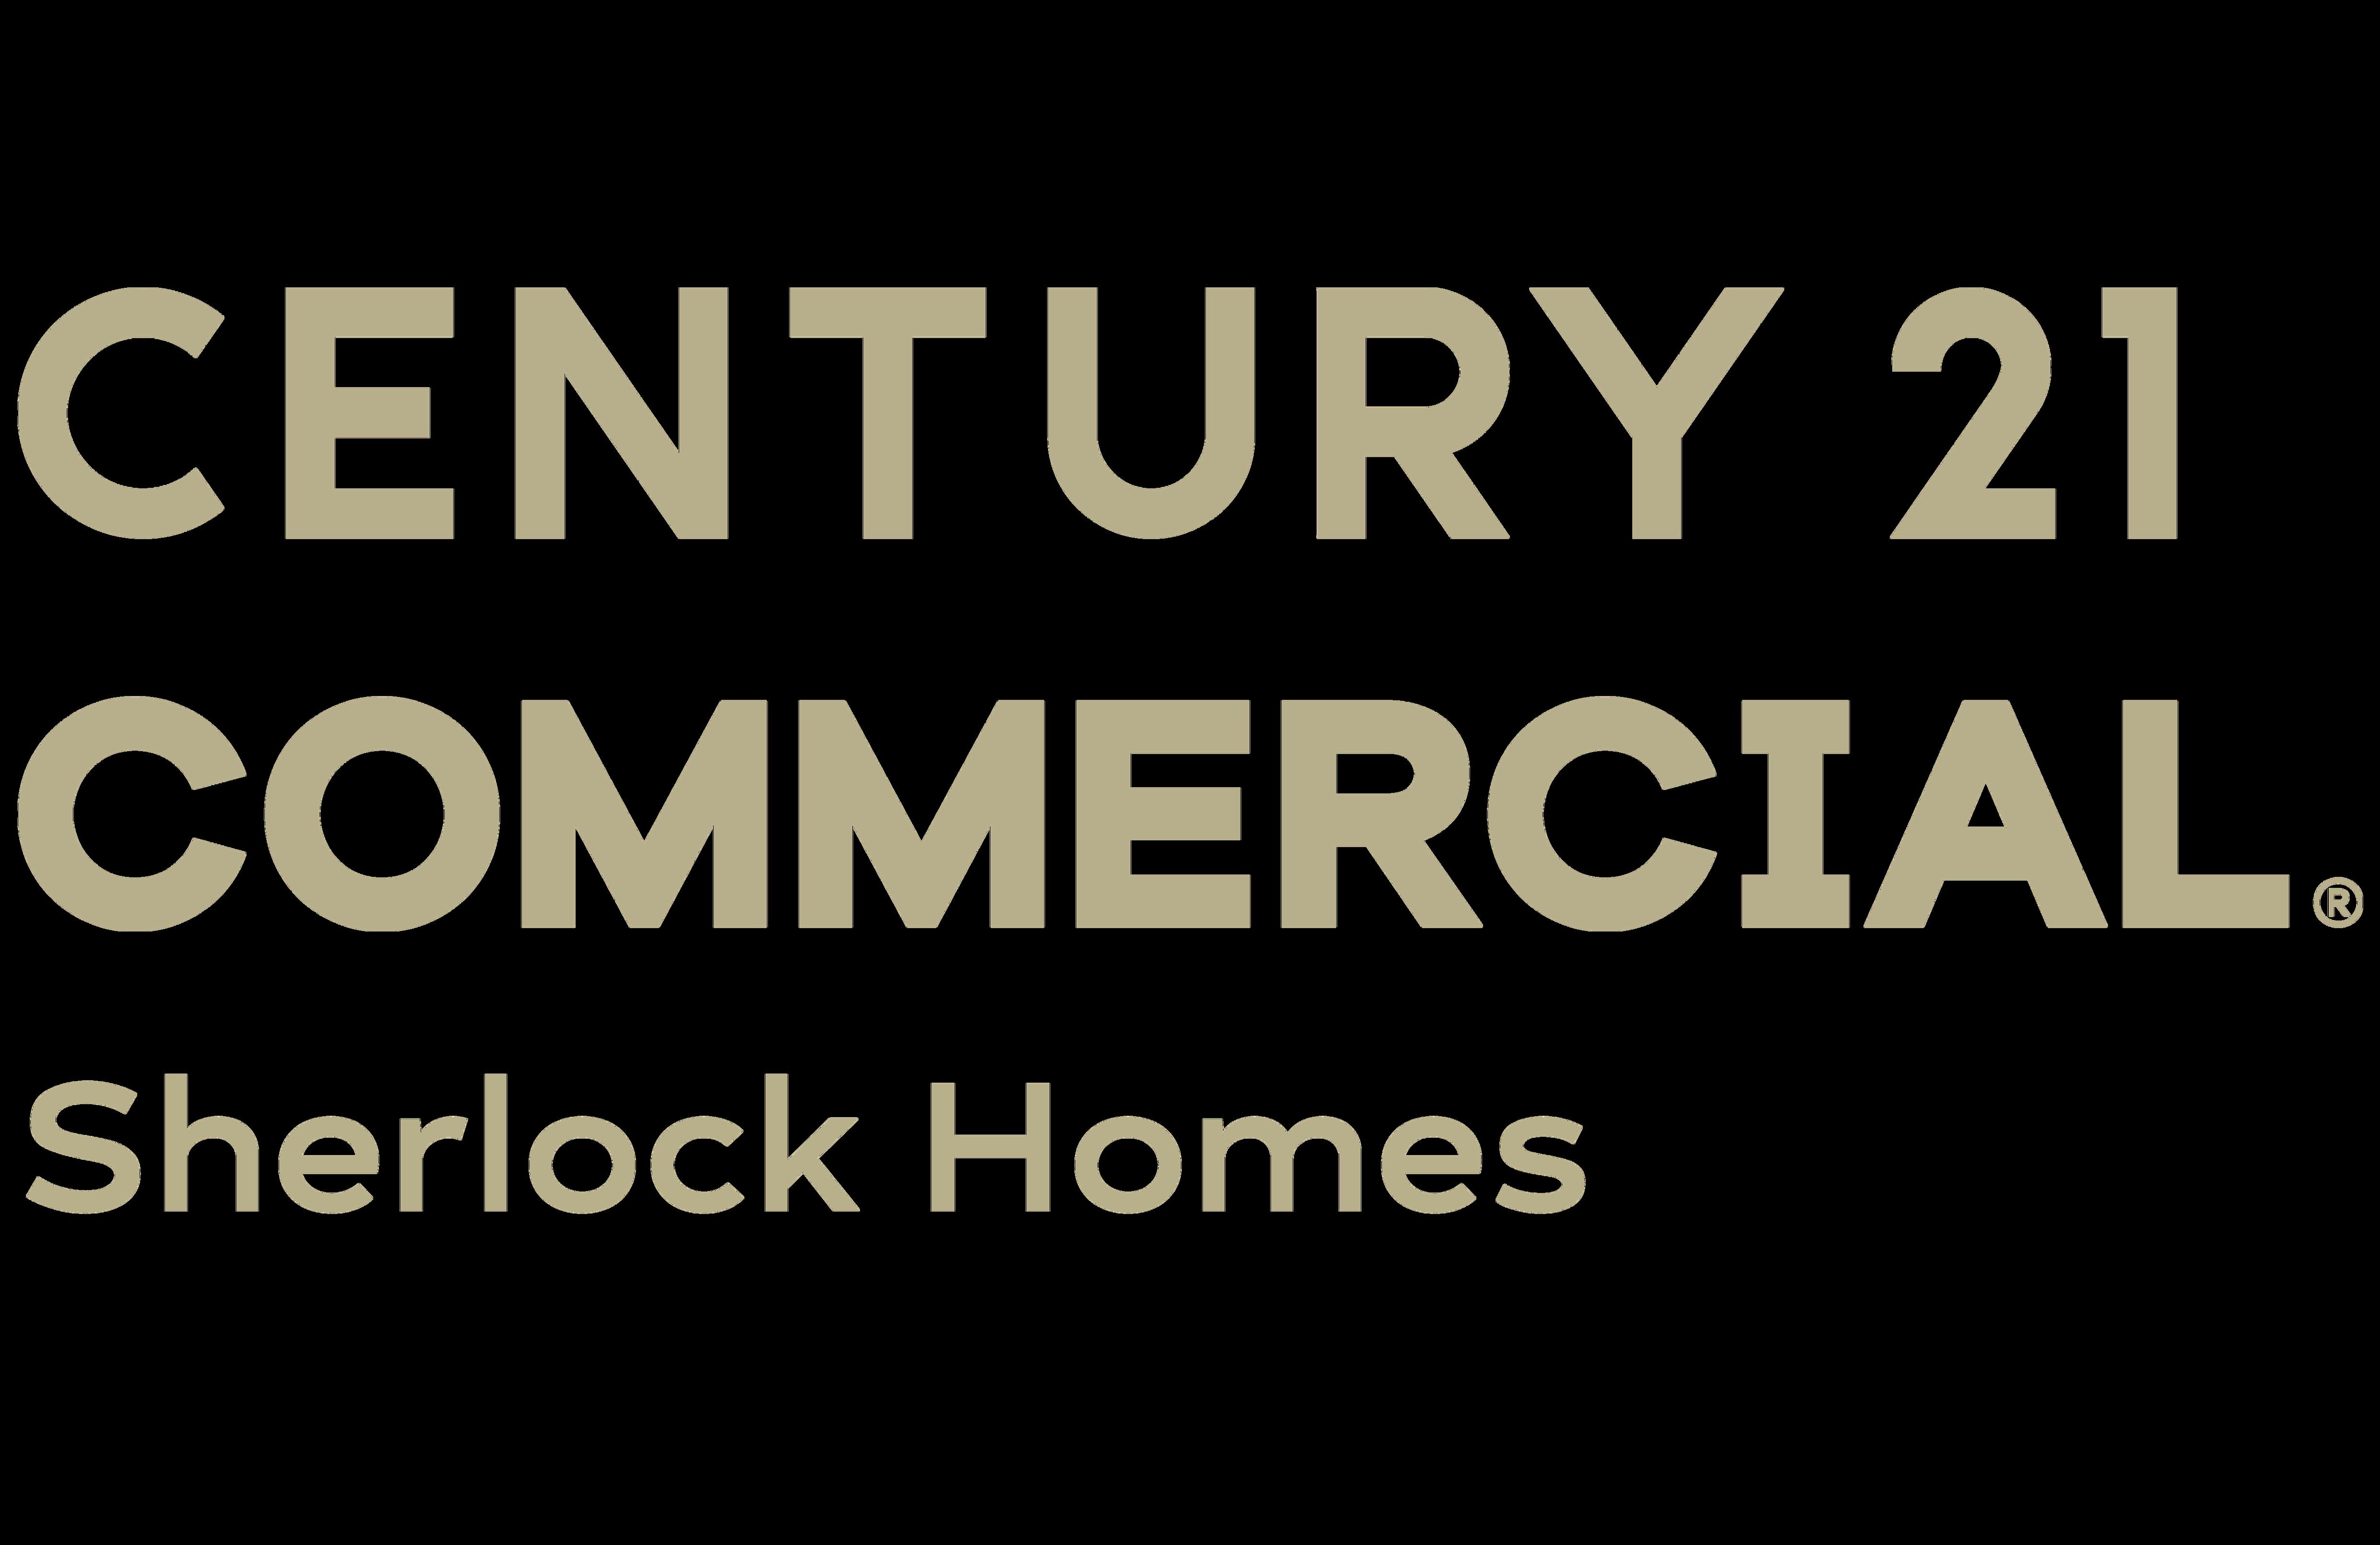 CENTURY 21 Sherlock Homes